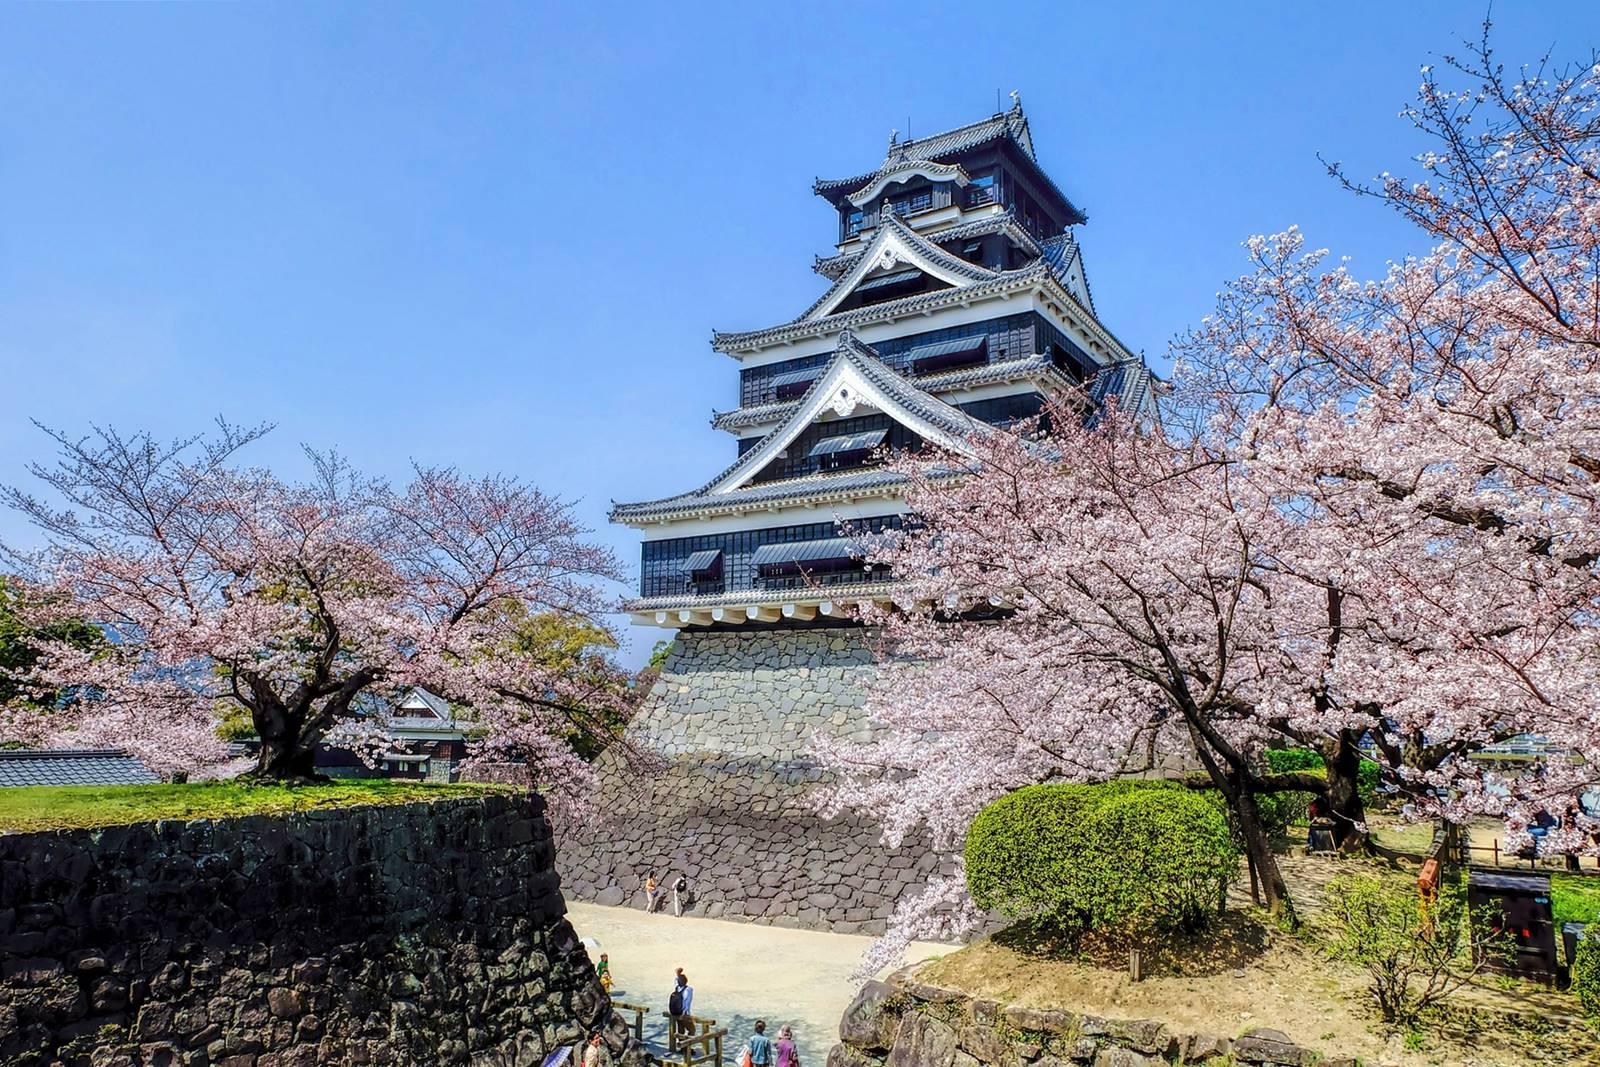 九州-九州景點-推薦-熊本城-九州行程-九州必玩景點-九州必遊景點-九州旅遊景點-九州自由行-九州觀光景點-九州好玩景點-九州介紹-日本-Kyushu